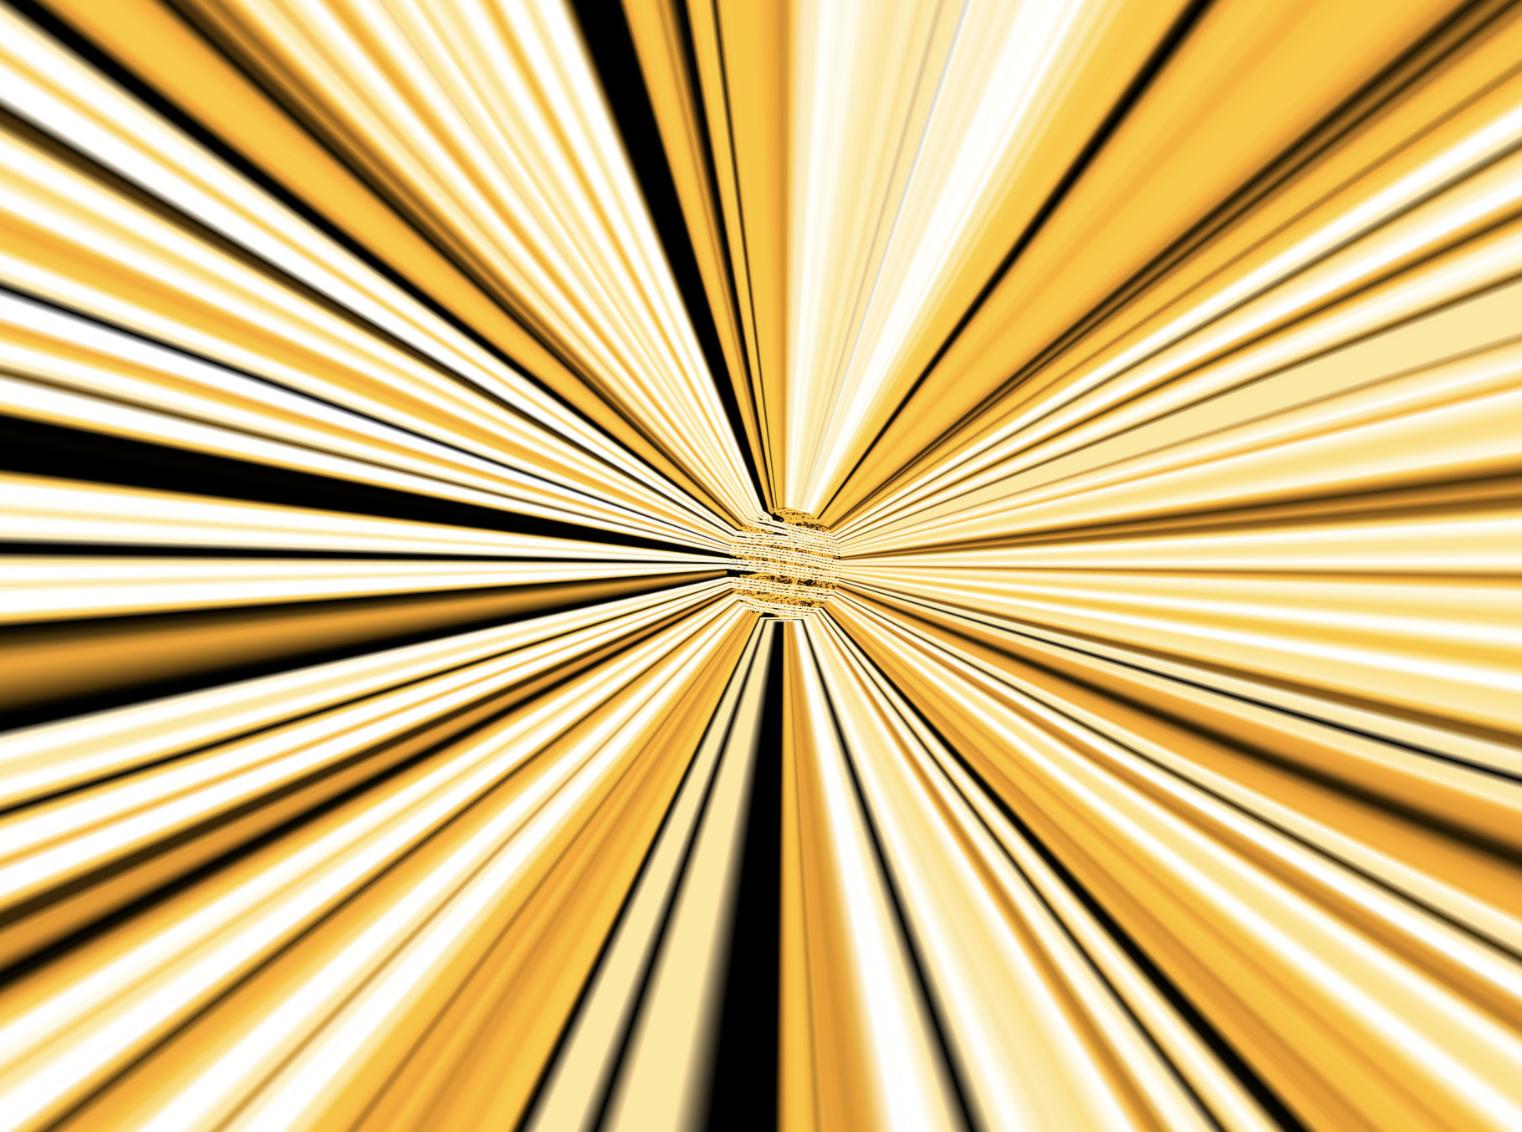 Nuevamente, físico propone «solitones hiperrápidos» para viajar más rápido que la luz